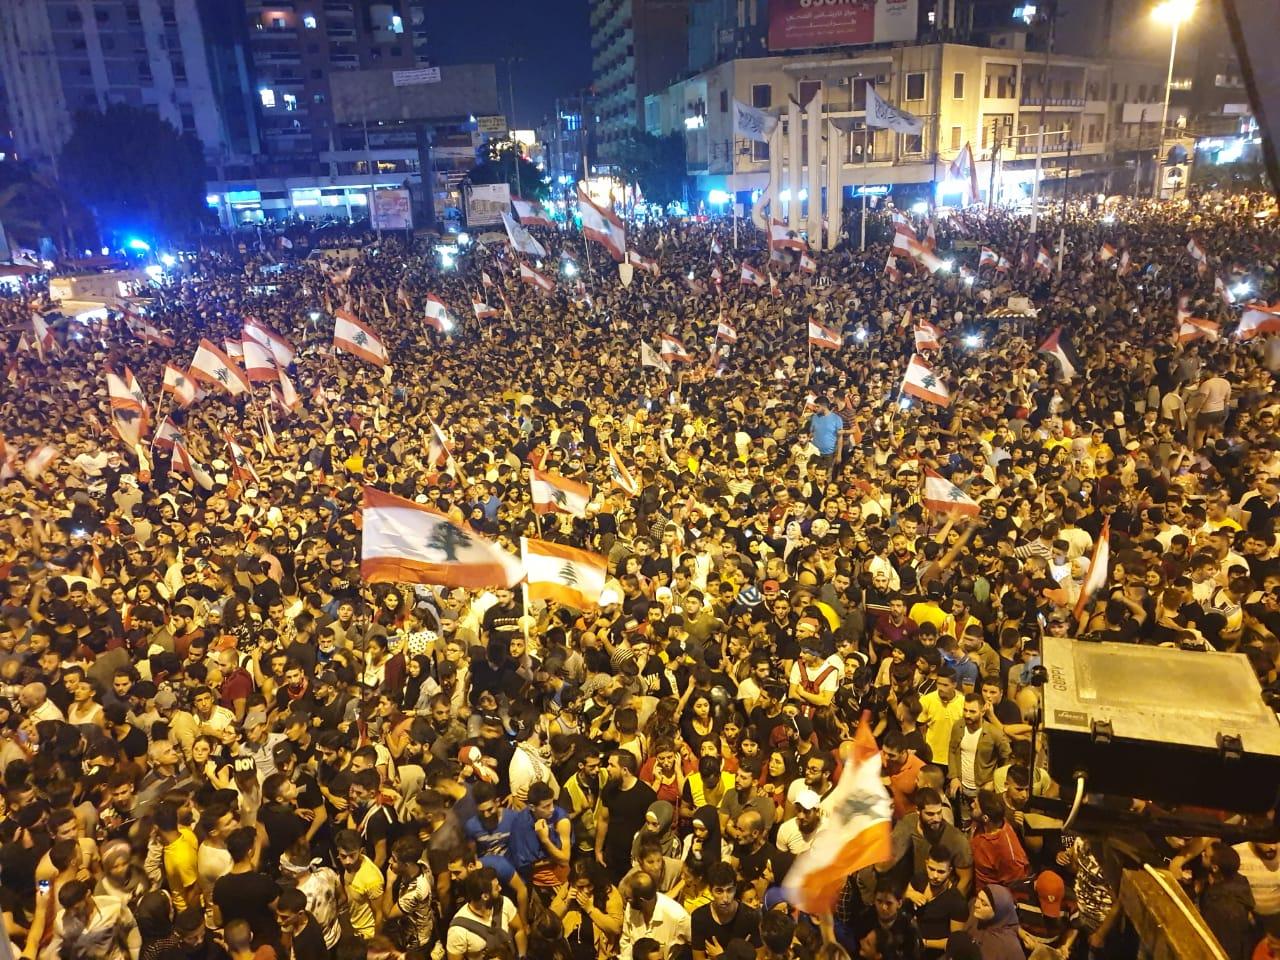 من طرابلس إلى النبطية وصور مرورا بصيدا: ثورة على الزعامات